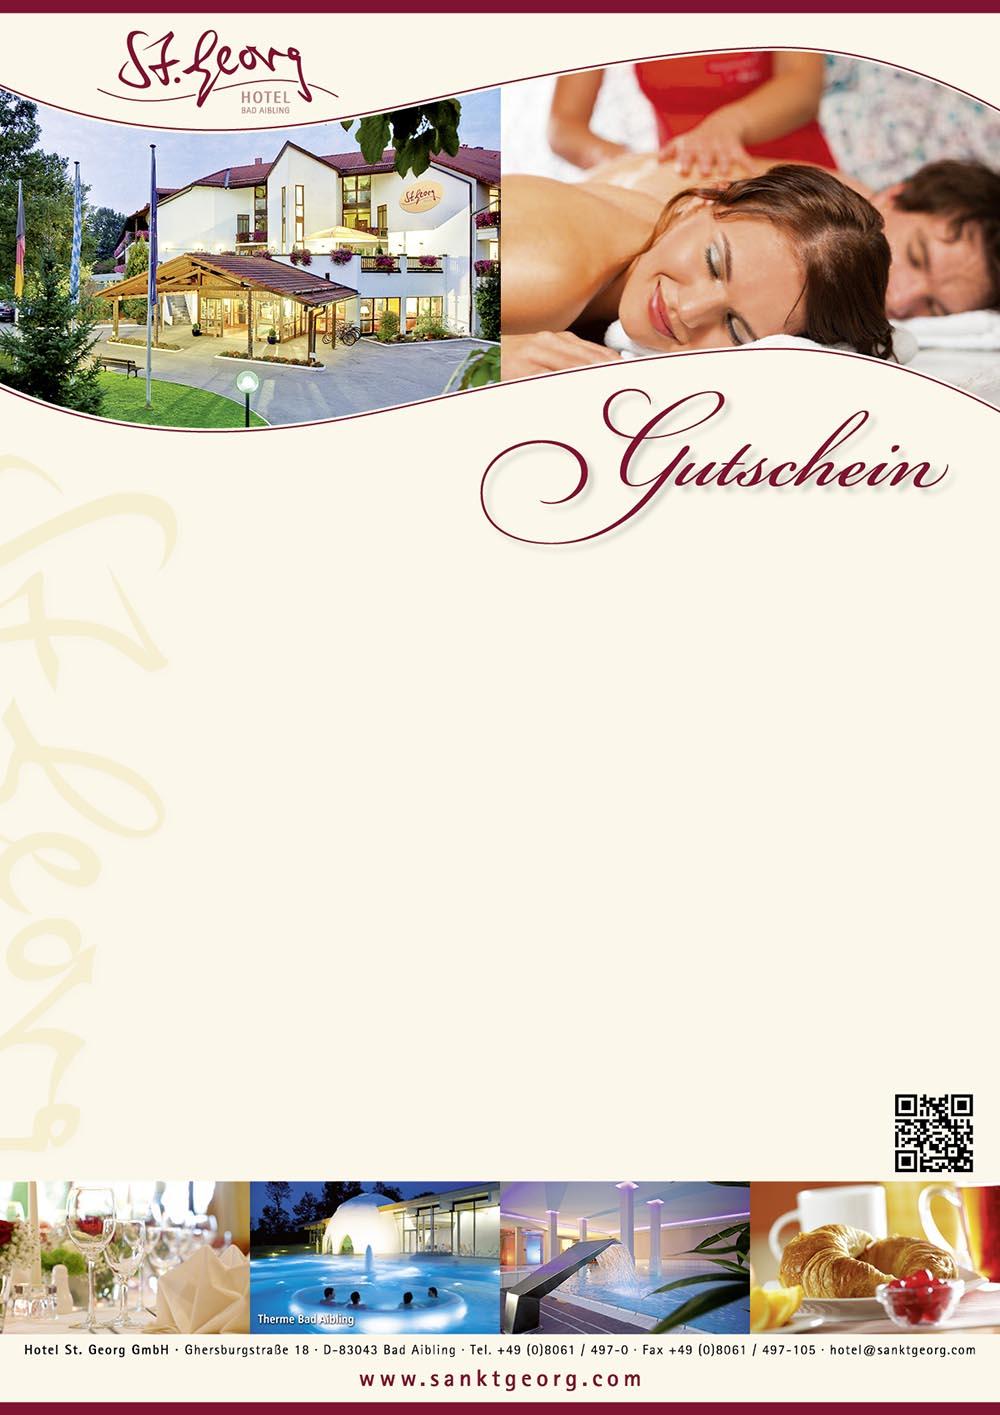 Erfreut Hotel Geschenkgutschein Schablone Bilder - FORTSETZUNG ...